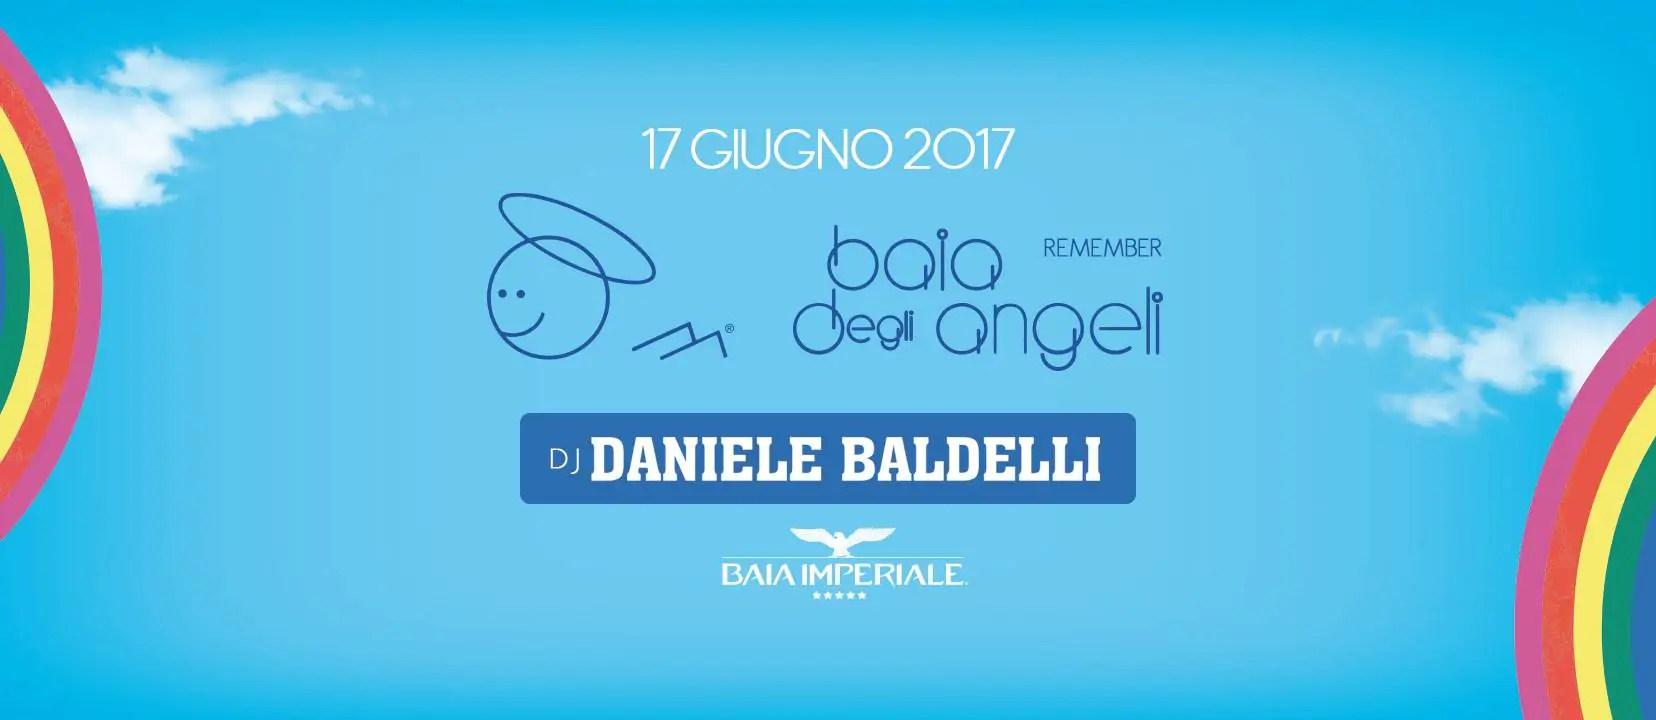 Baia Degli Angeli Baia Imperiale 17 Giugno 2017 Prevendite Biglietti Tavoli Hotel